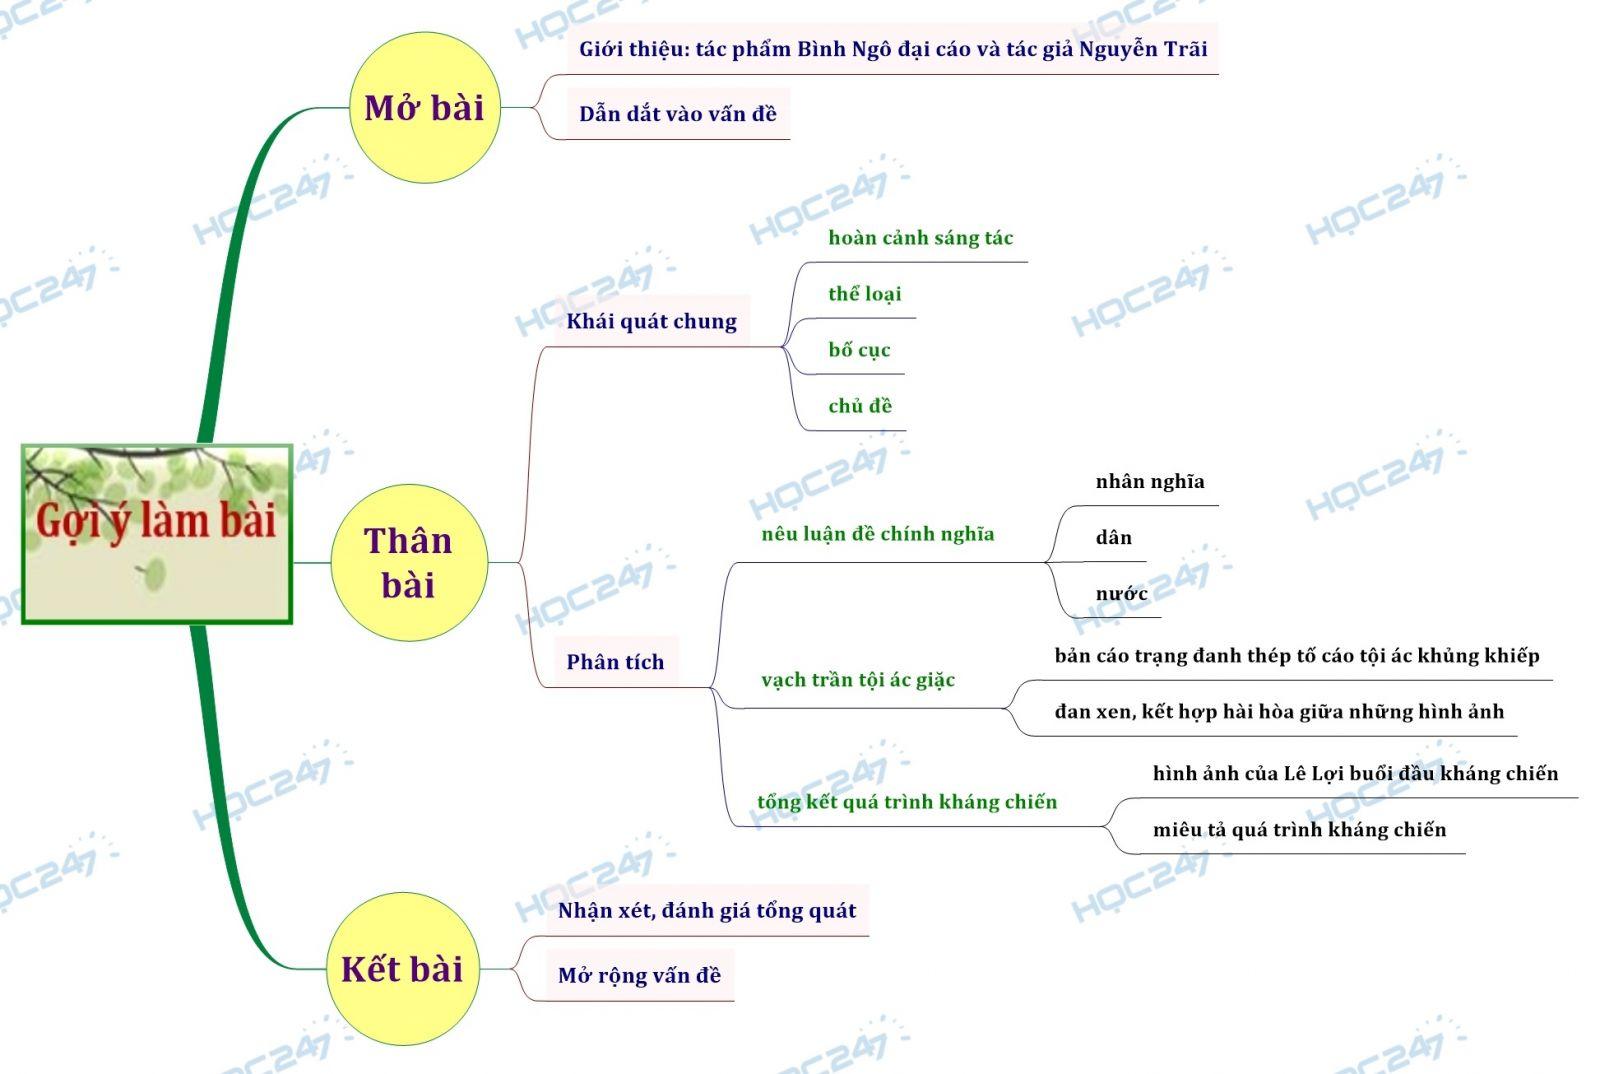 Sơ đồ tư duy Phân tích tác phẩm Bình Ngô đại cáo của Nguyễn Trãi